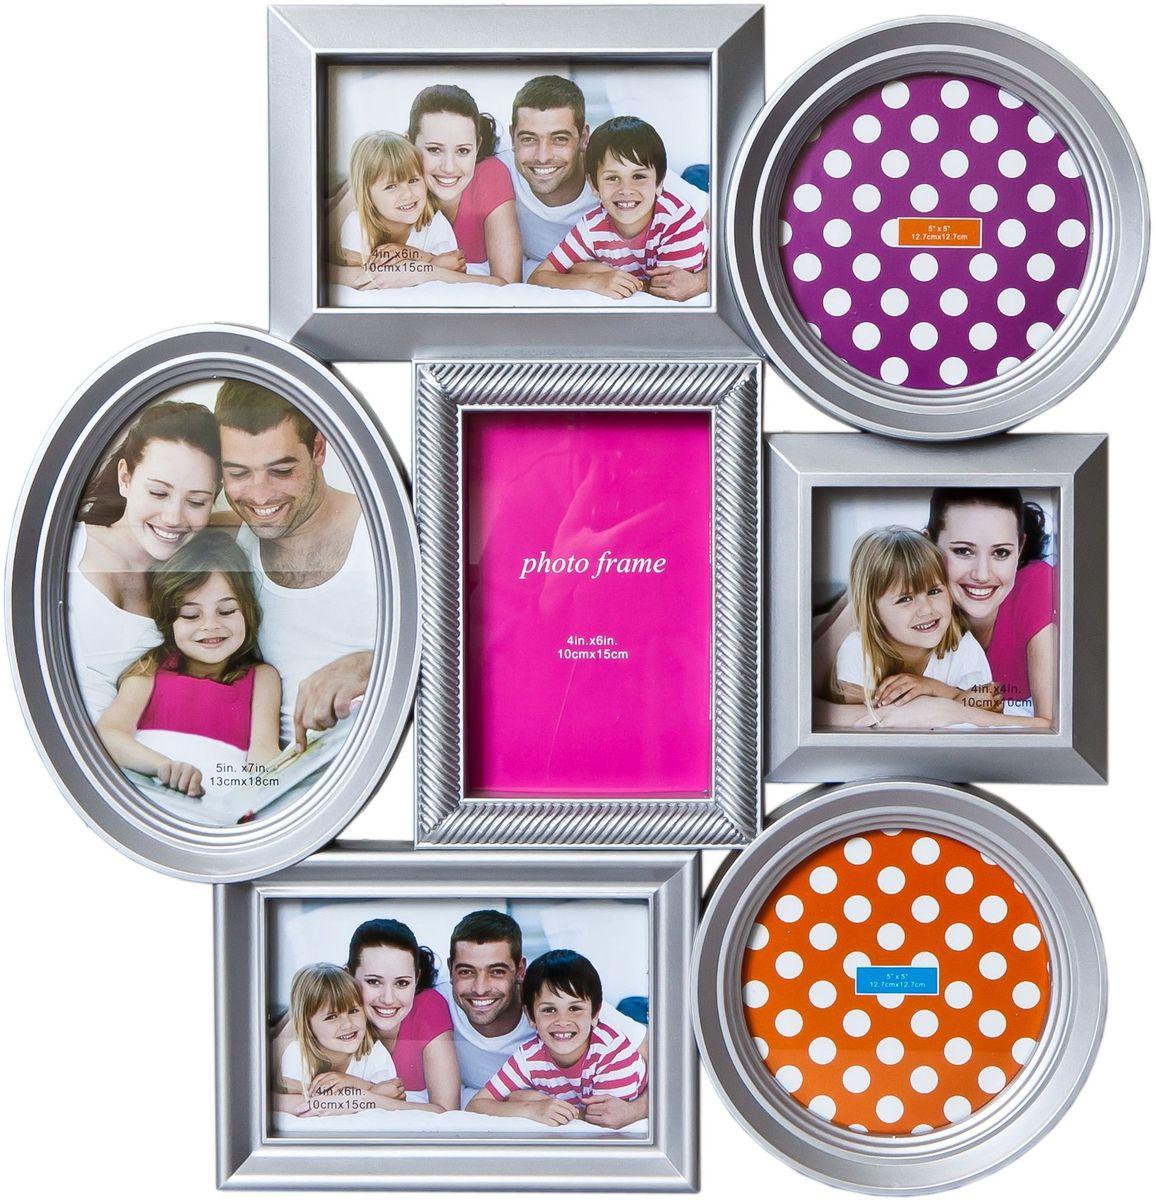 Коллаж Platinum, цвет: серебристый, 7 фоторамок. BH-1307Platinum JW97-2 ПИНЕТО-БОРДОВЫЙ 10x15Пластиковый коллаж с фото следующих размеров: 13х18 см, 3 фото 10х15 см,2 фото 12.7х12.7 см,10х10 см.